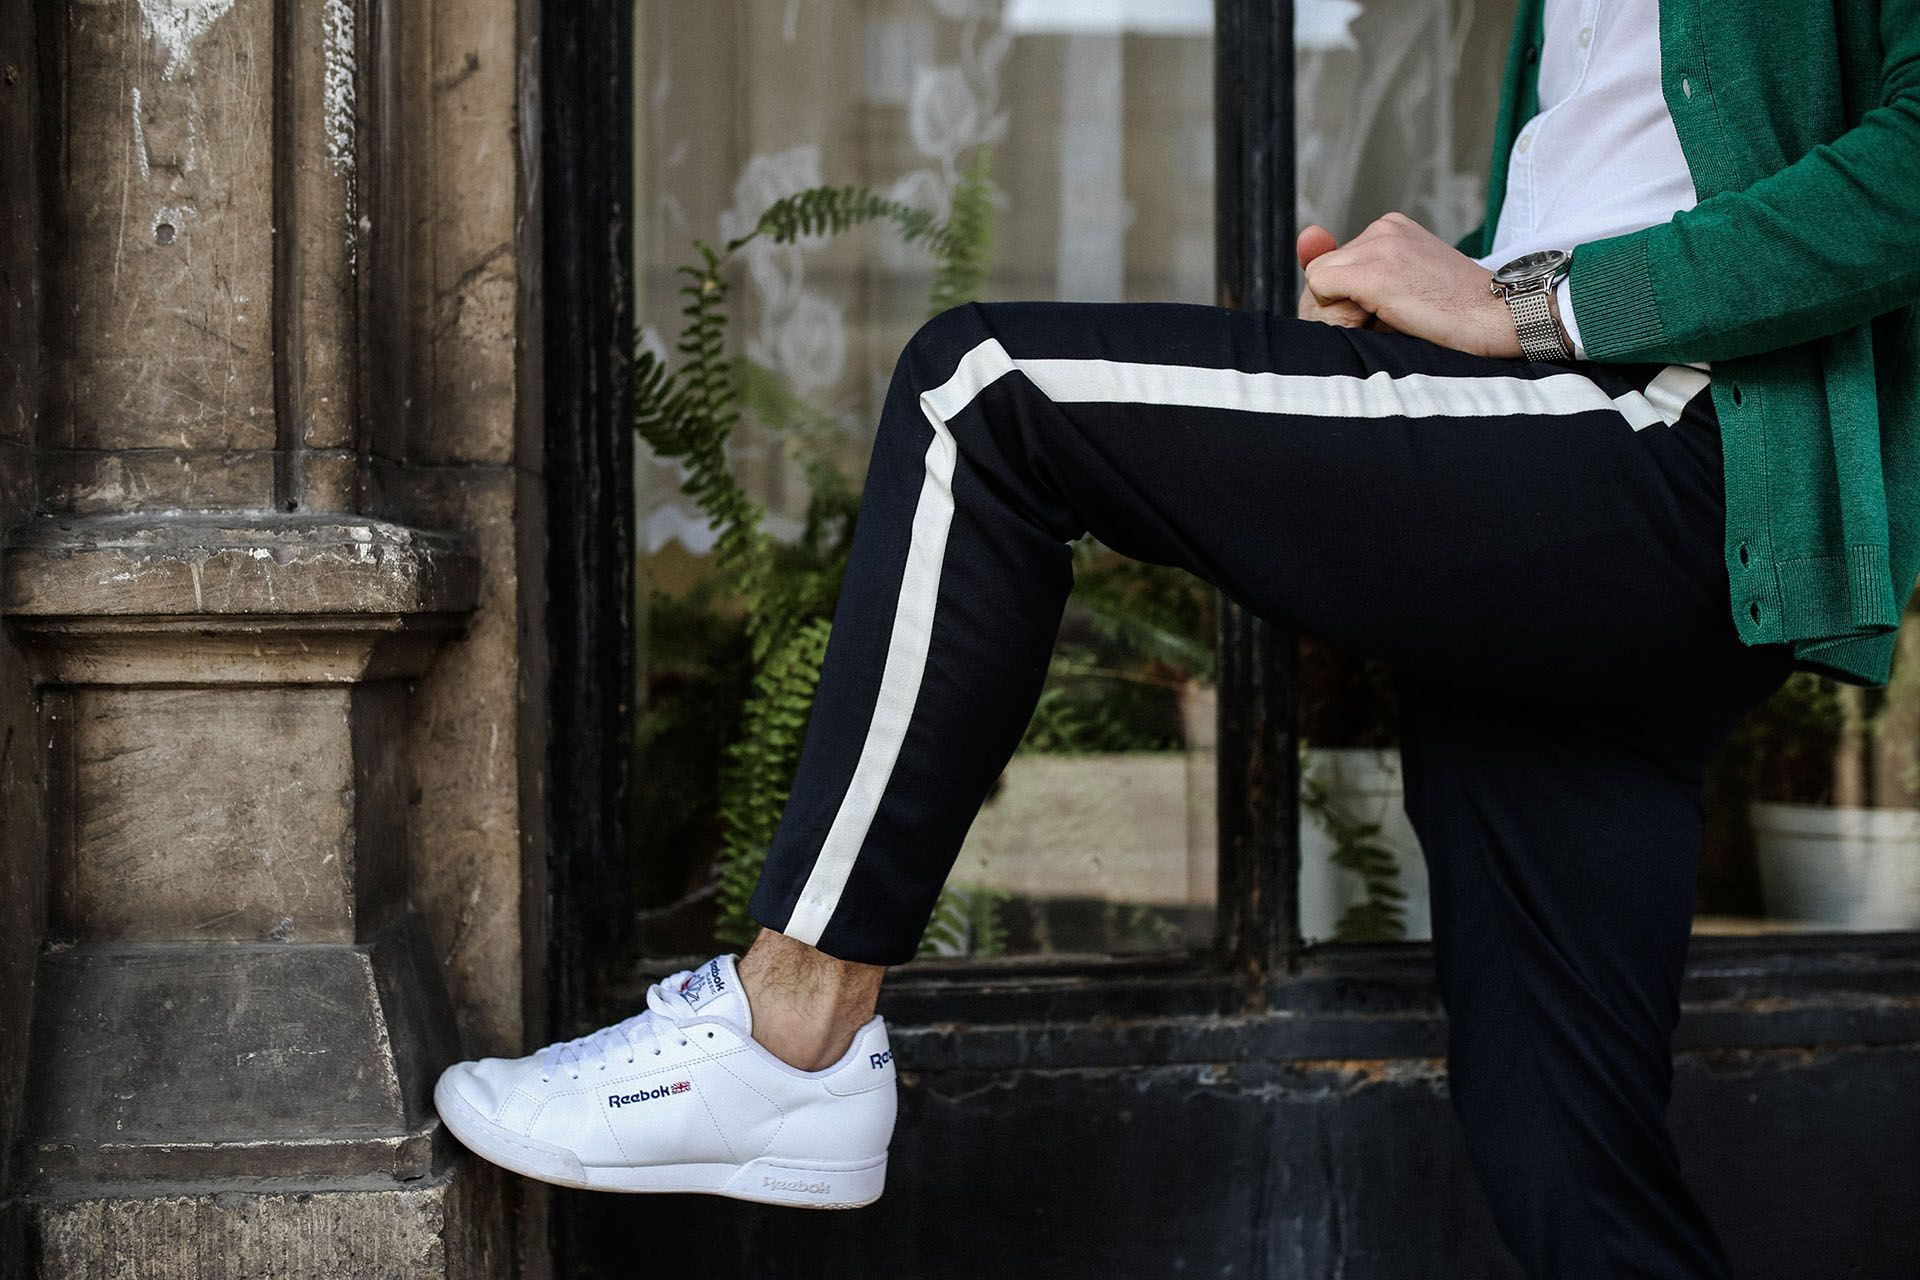 Spodnie Z Lampasami Zielony Kardigan Meska Stylizacja Wiosenna Moda Meska Wiosna 2018 Gmale Blog O Modzie Meskiej Fashion Converse Sneaker Sneakers